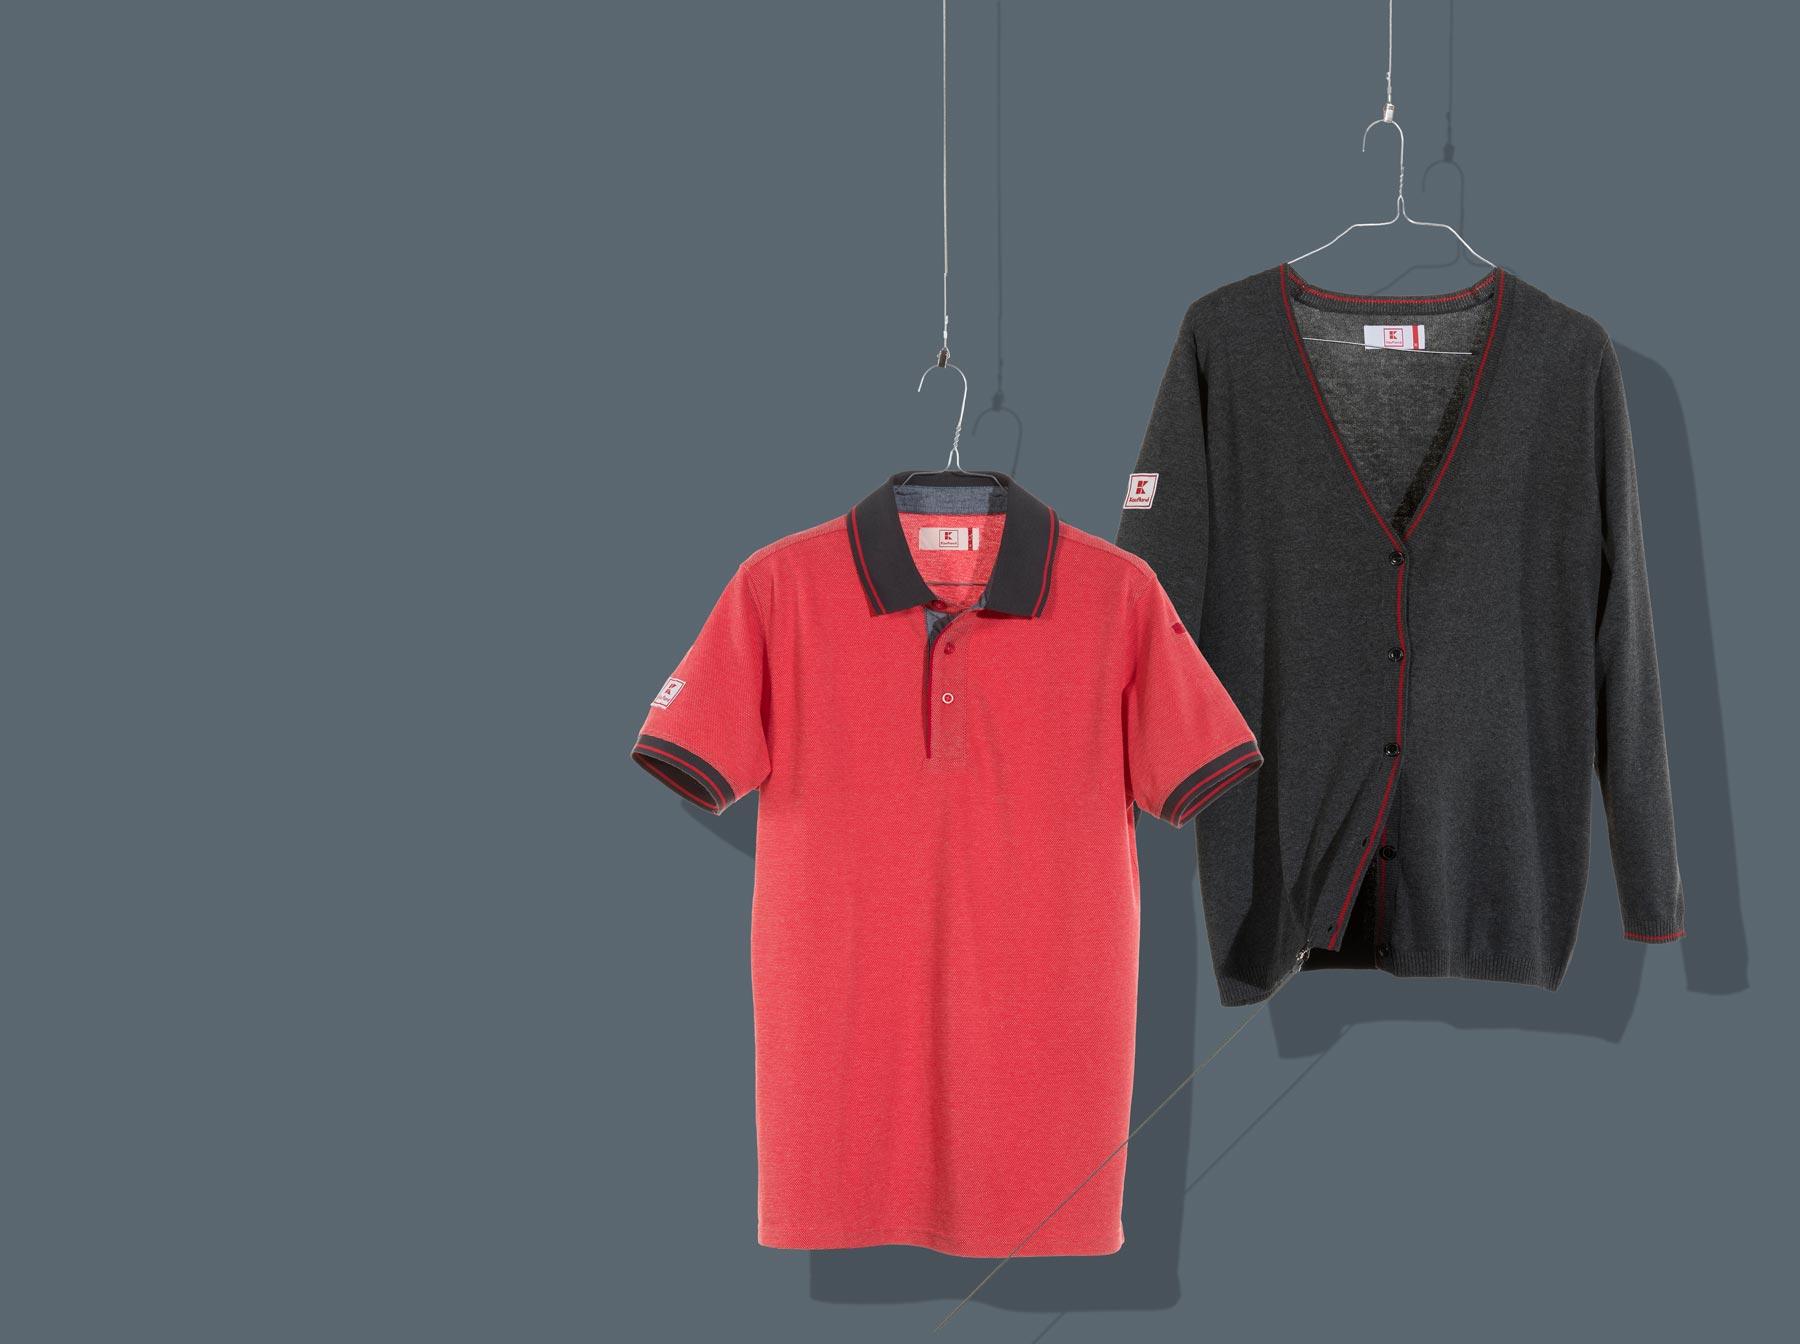 Rotes Poloshirt und graue Strickjacke für Kaufland